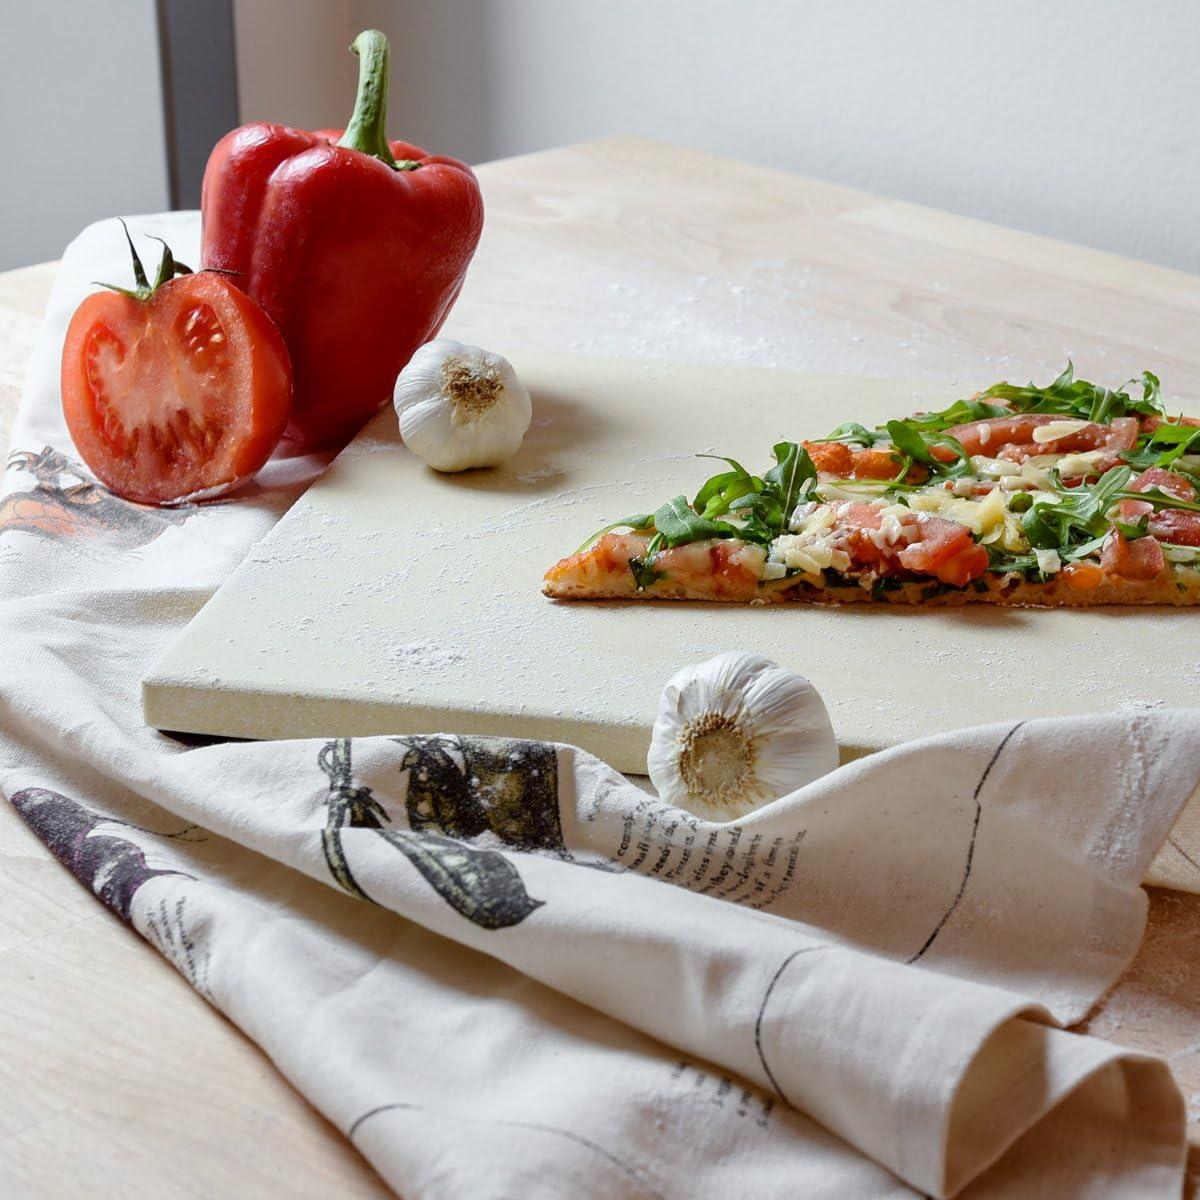 Kit Pierre /à Pizza Rectangulaire XL avec Pelle en Bambou Navaris Pierre /à Pizza avec Pelle Four Traditionnel Bois Barbecue Grill et Charbon